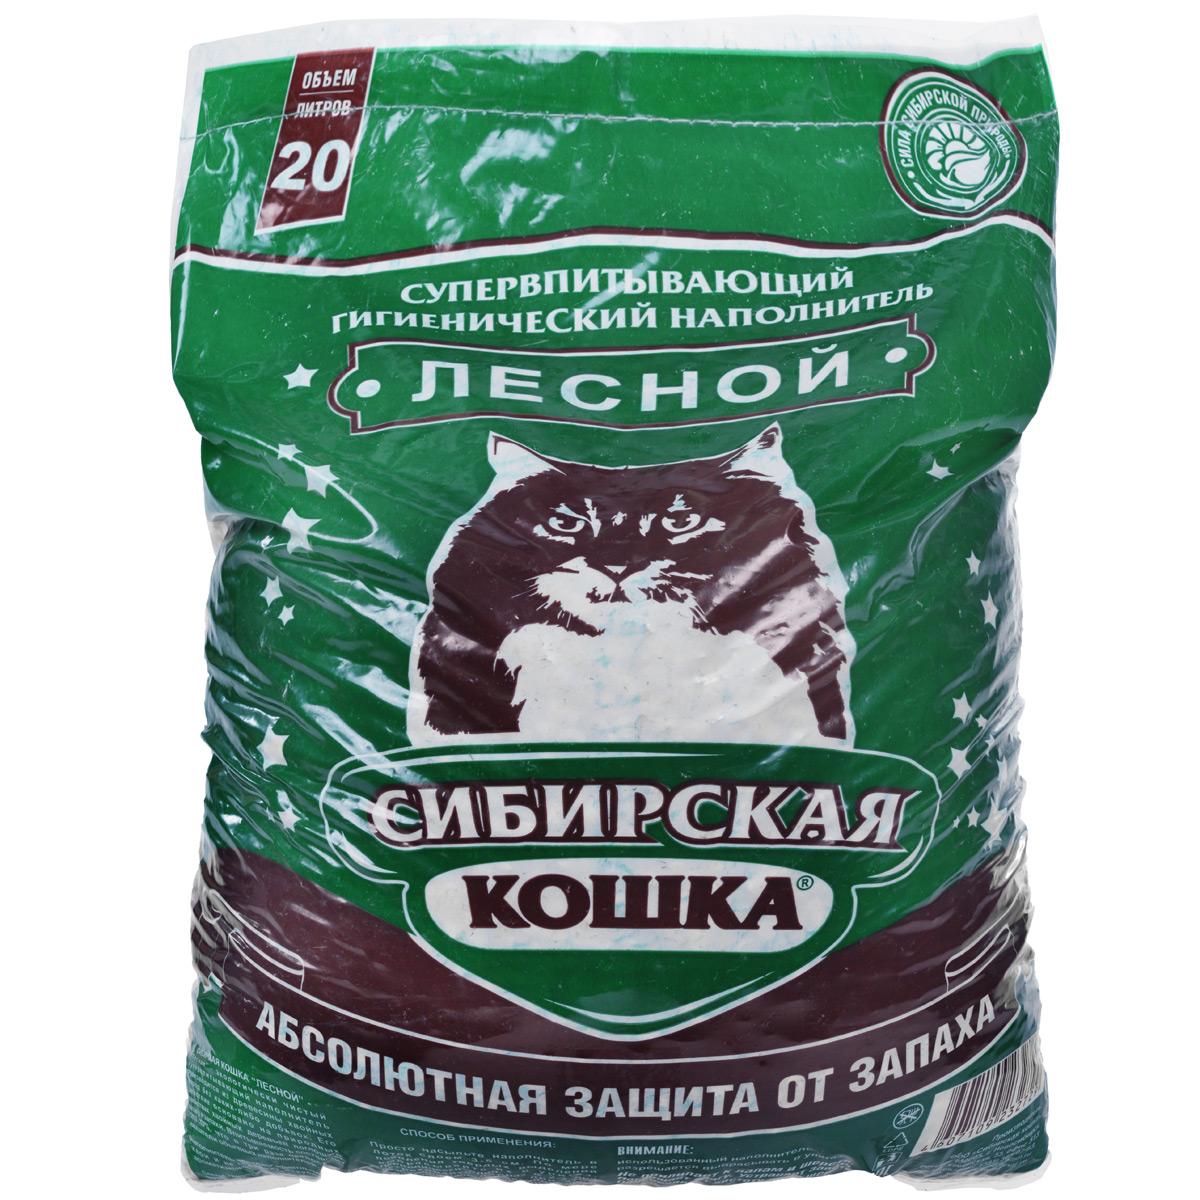 Наполнитель для кошачьих туалетов Сибирская Кошка Лесной, древесный, 20 л2729Экологически чистый супервпитывающий наполнитель для кошачьих туалетов Сибирская Кошка Лесной производится из древесины хвойных пород в отсутствии каких-либо присадок. Его действие базируется на естественных свойствах составляет 260-320%, что в 3 раза превосходит характеристики обычных наполнителей. Дезинфицирующие качества наполнителя содействуют уничтожению болезнетворных микробов.Обладает природным естественным запахом хвои.Наполнитель возможно использовать также как подстилку в клетках для кроликов, морских свинок, крыс и хомяков.Состав: древесина хвойных пород.Размер гранулы: 8 мм.Объем: 20 л.Товар сертифицирован.